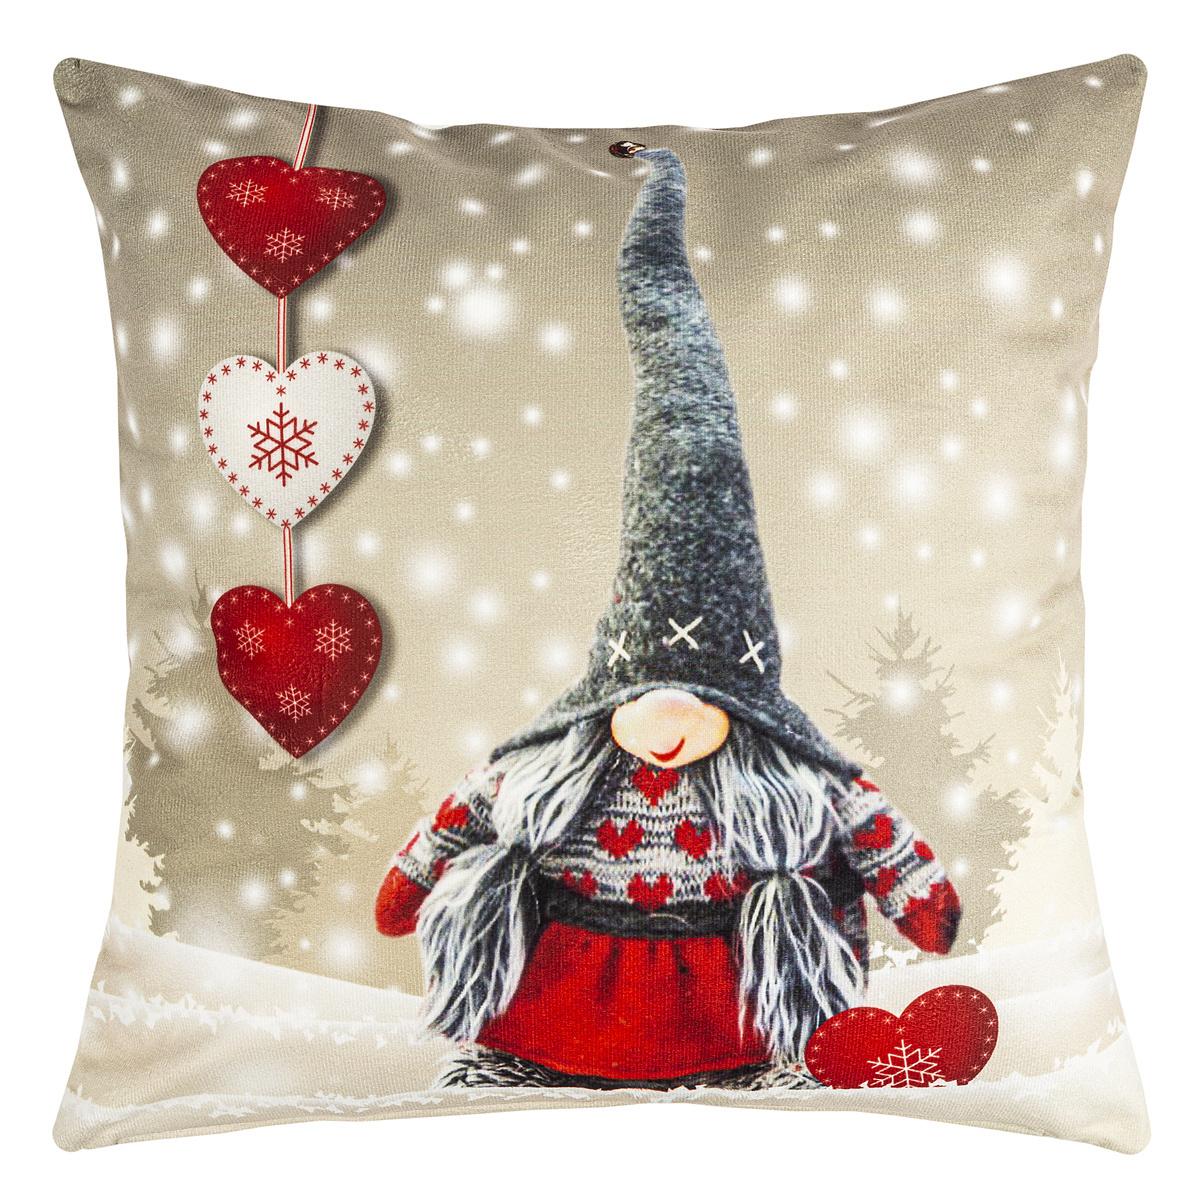 BO-MA Trading Vánoční povlak na polštářek Srdce, 40 x 40 cm